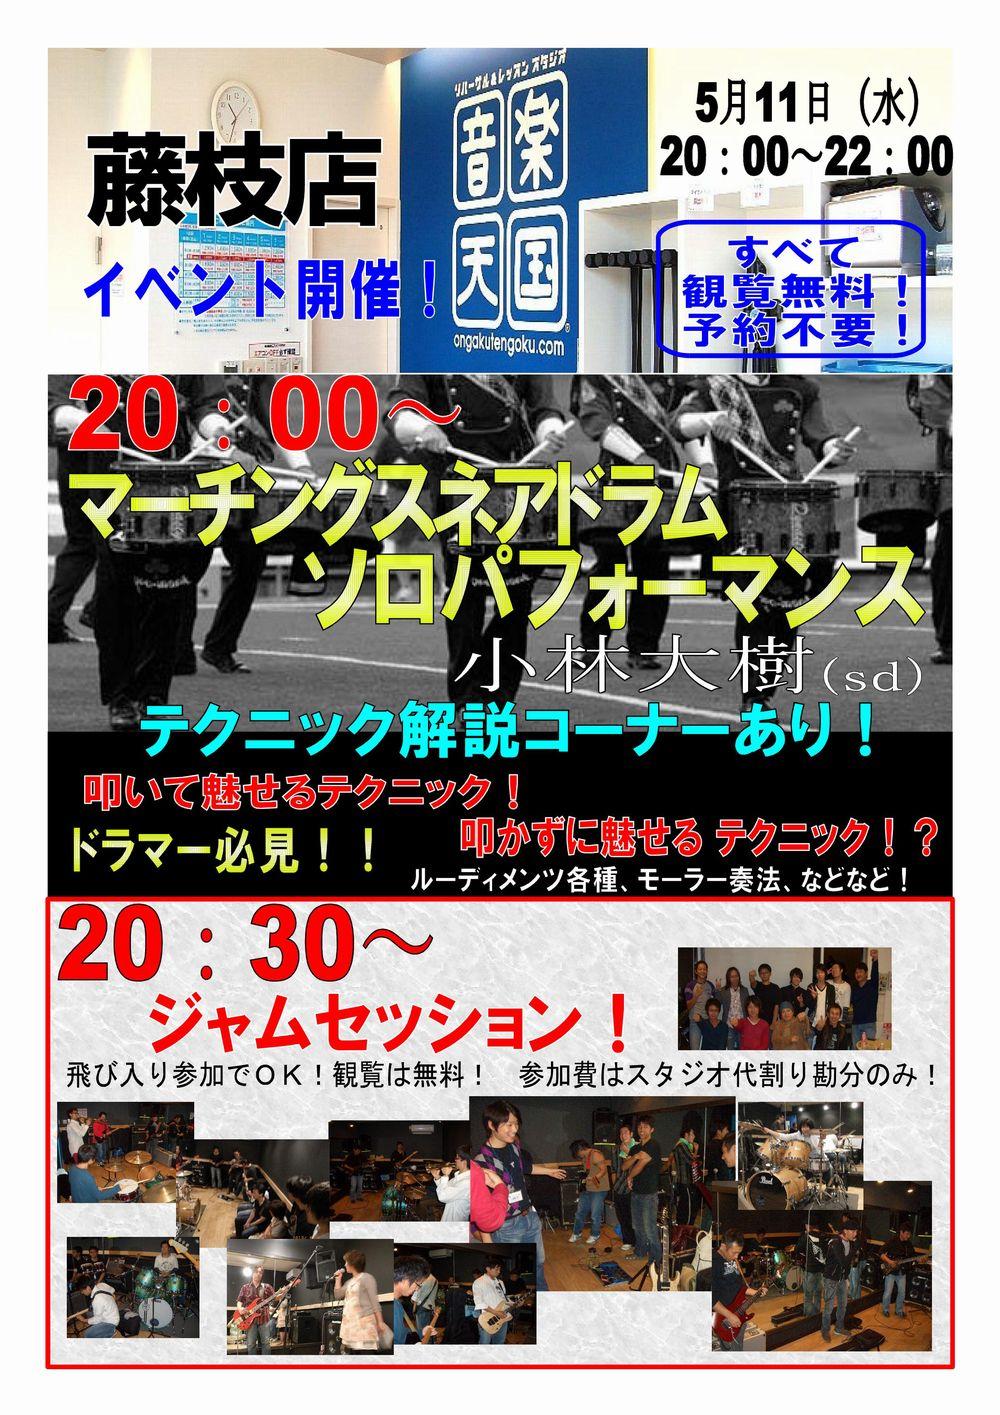 セッション天国+イベント@藤枝店5月11日(水)開催!